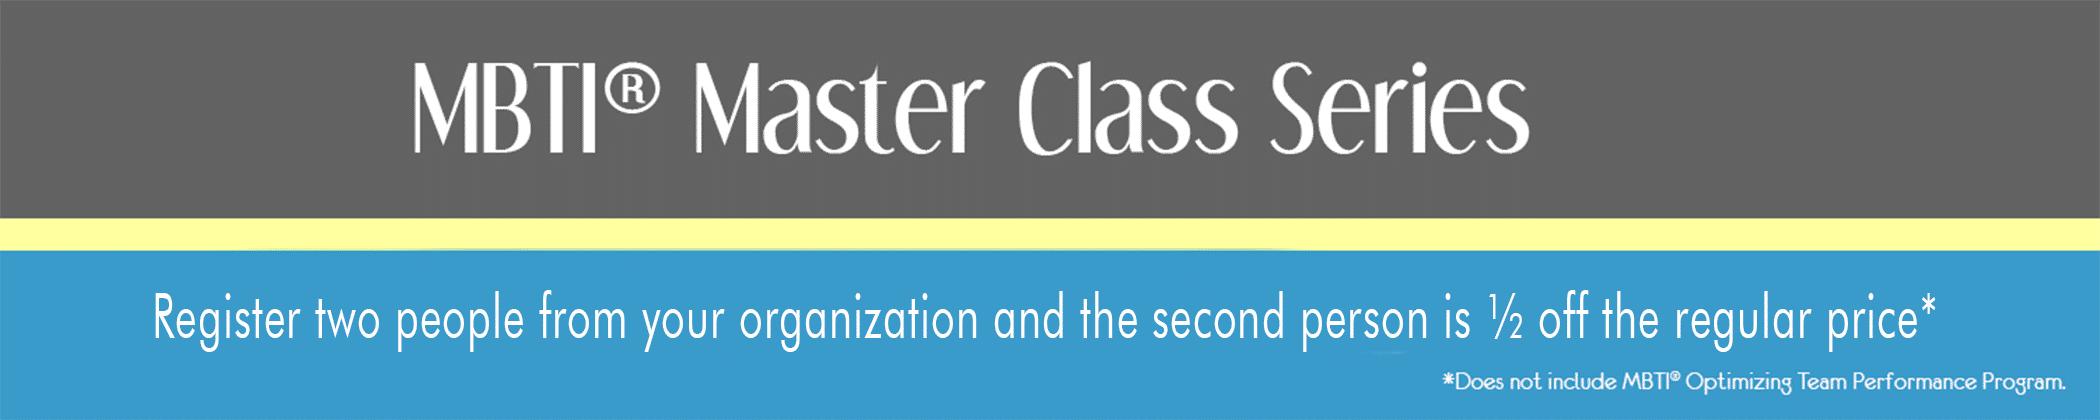 Mbti Master Class Series Advanced Workshops